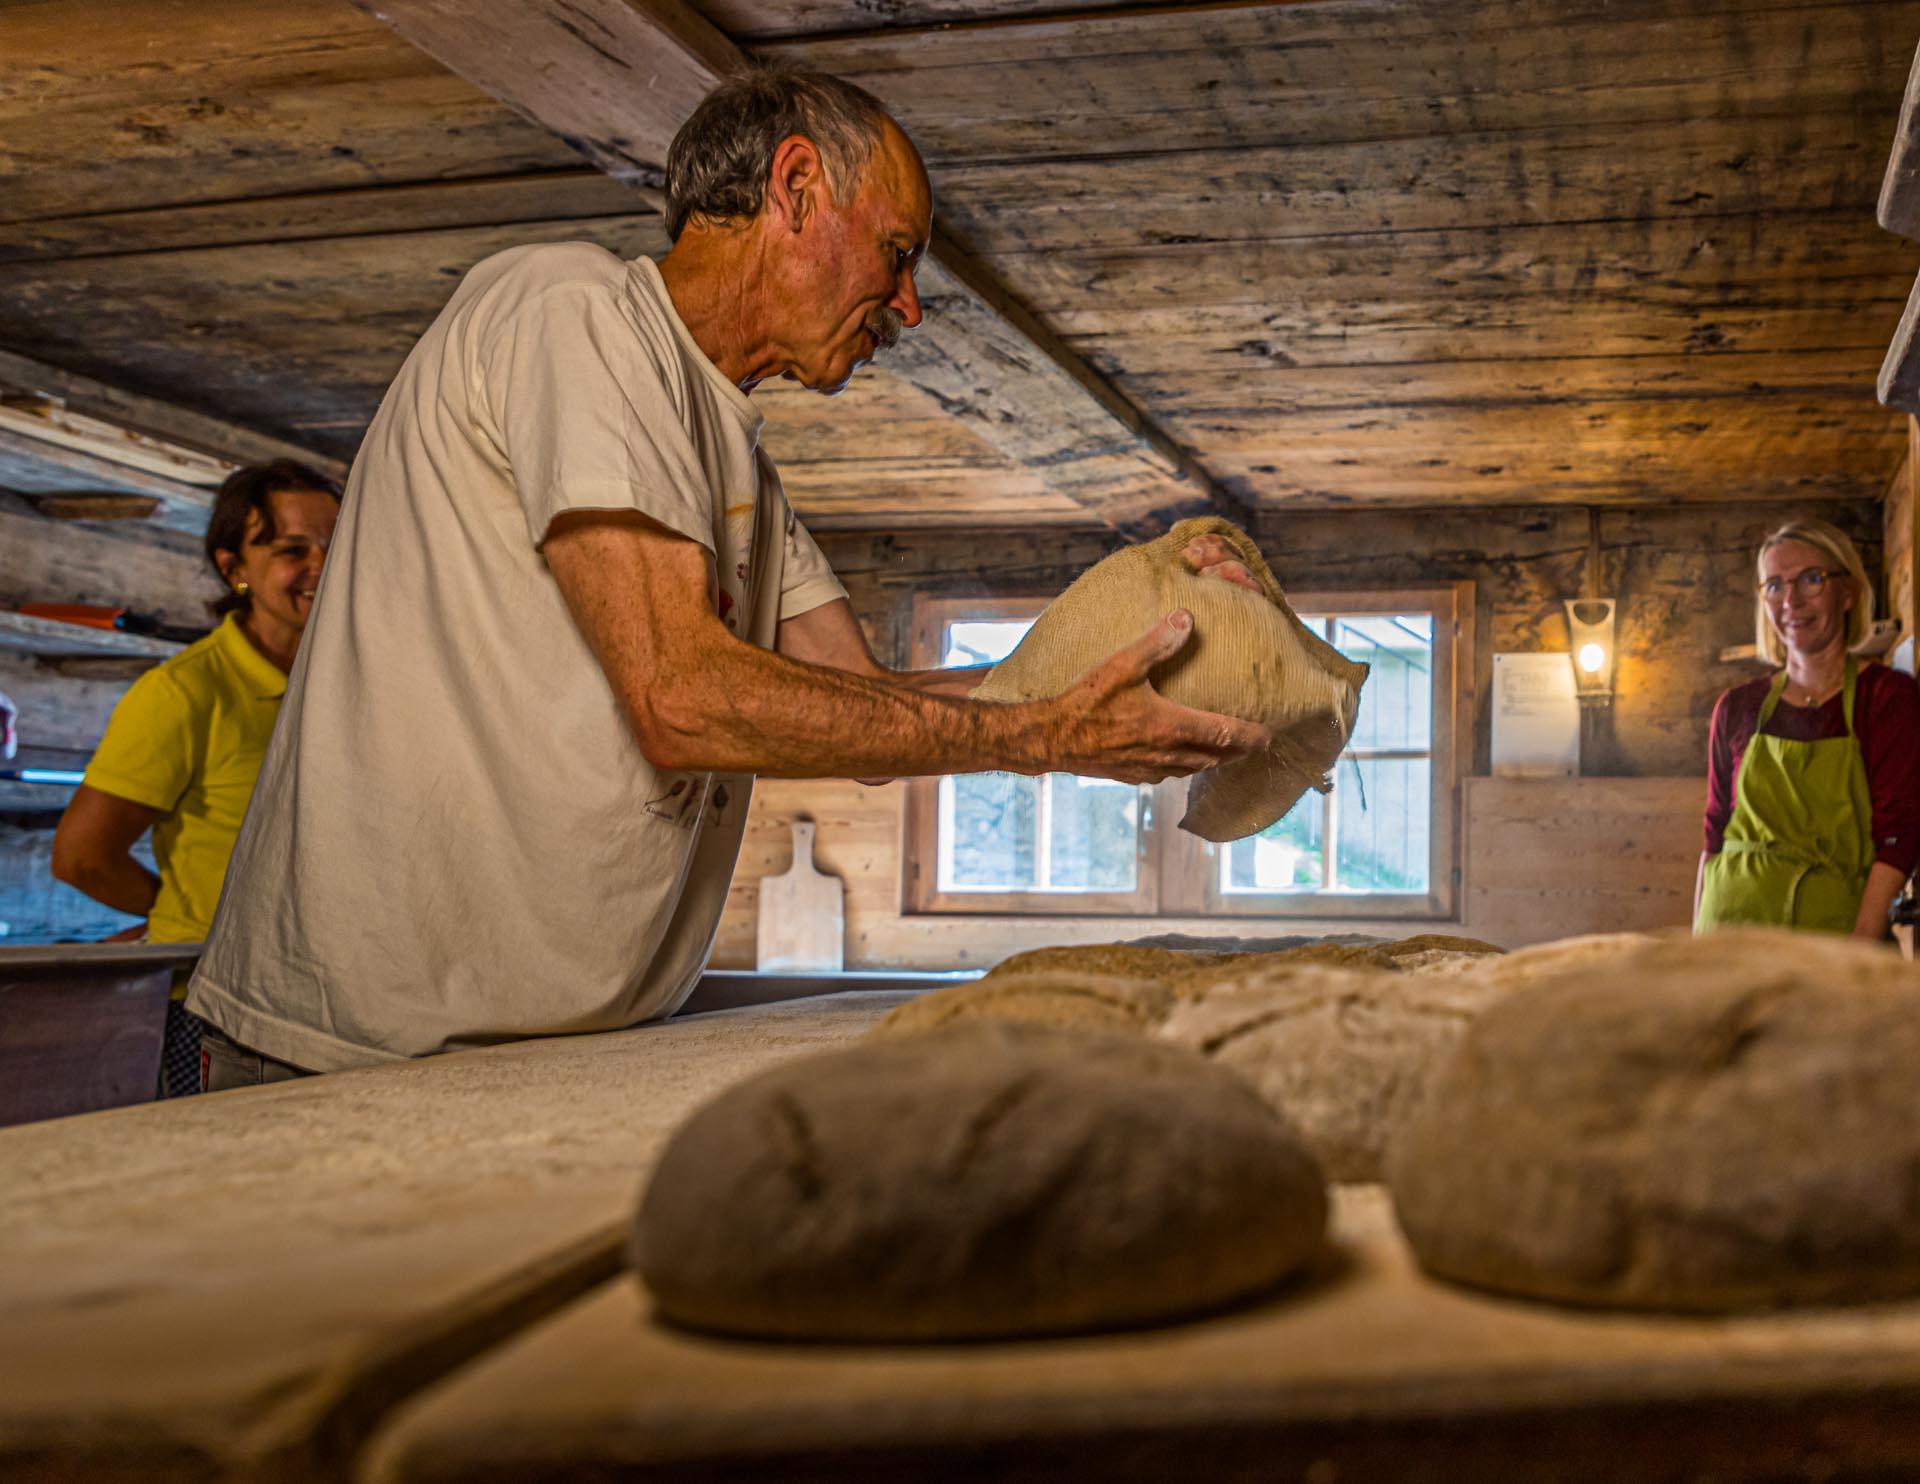 In Erschmatt werden die für das Schweizer Kanton Wallis typischen Roggenbrote gebacken / © FrontRowSociety.net, Foto: Georg Berg